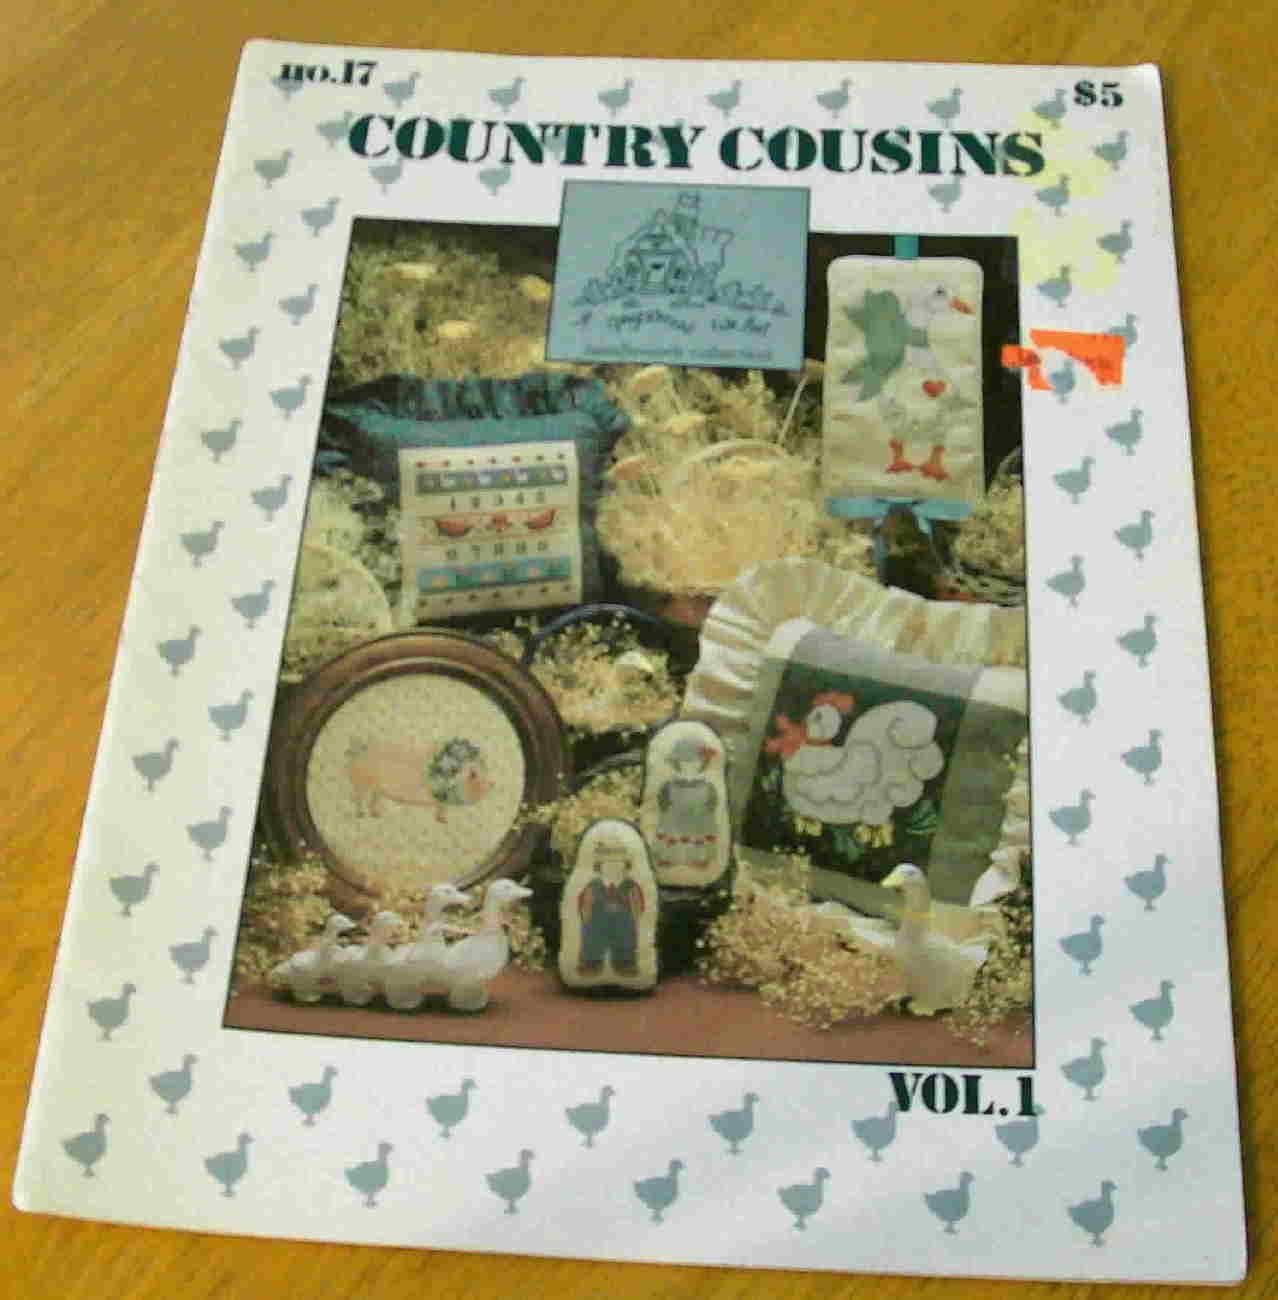 Countrycousins